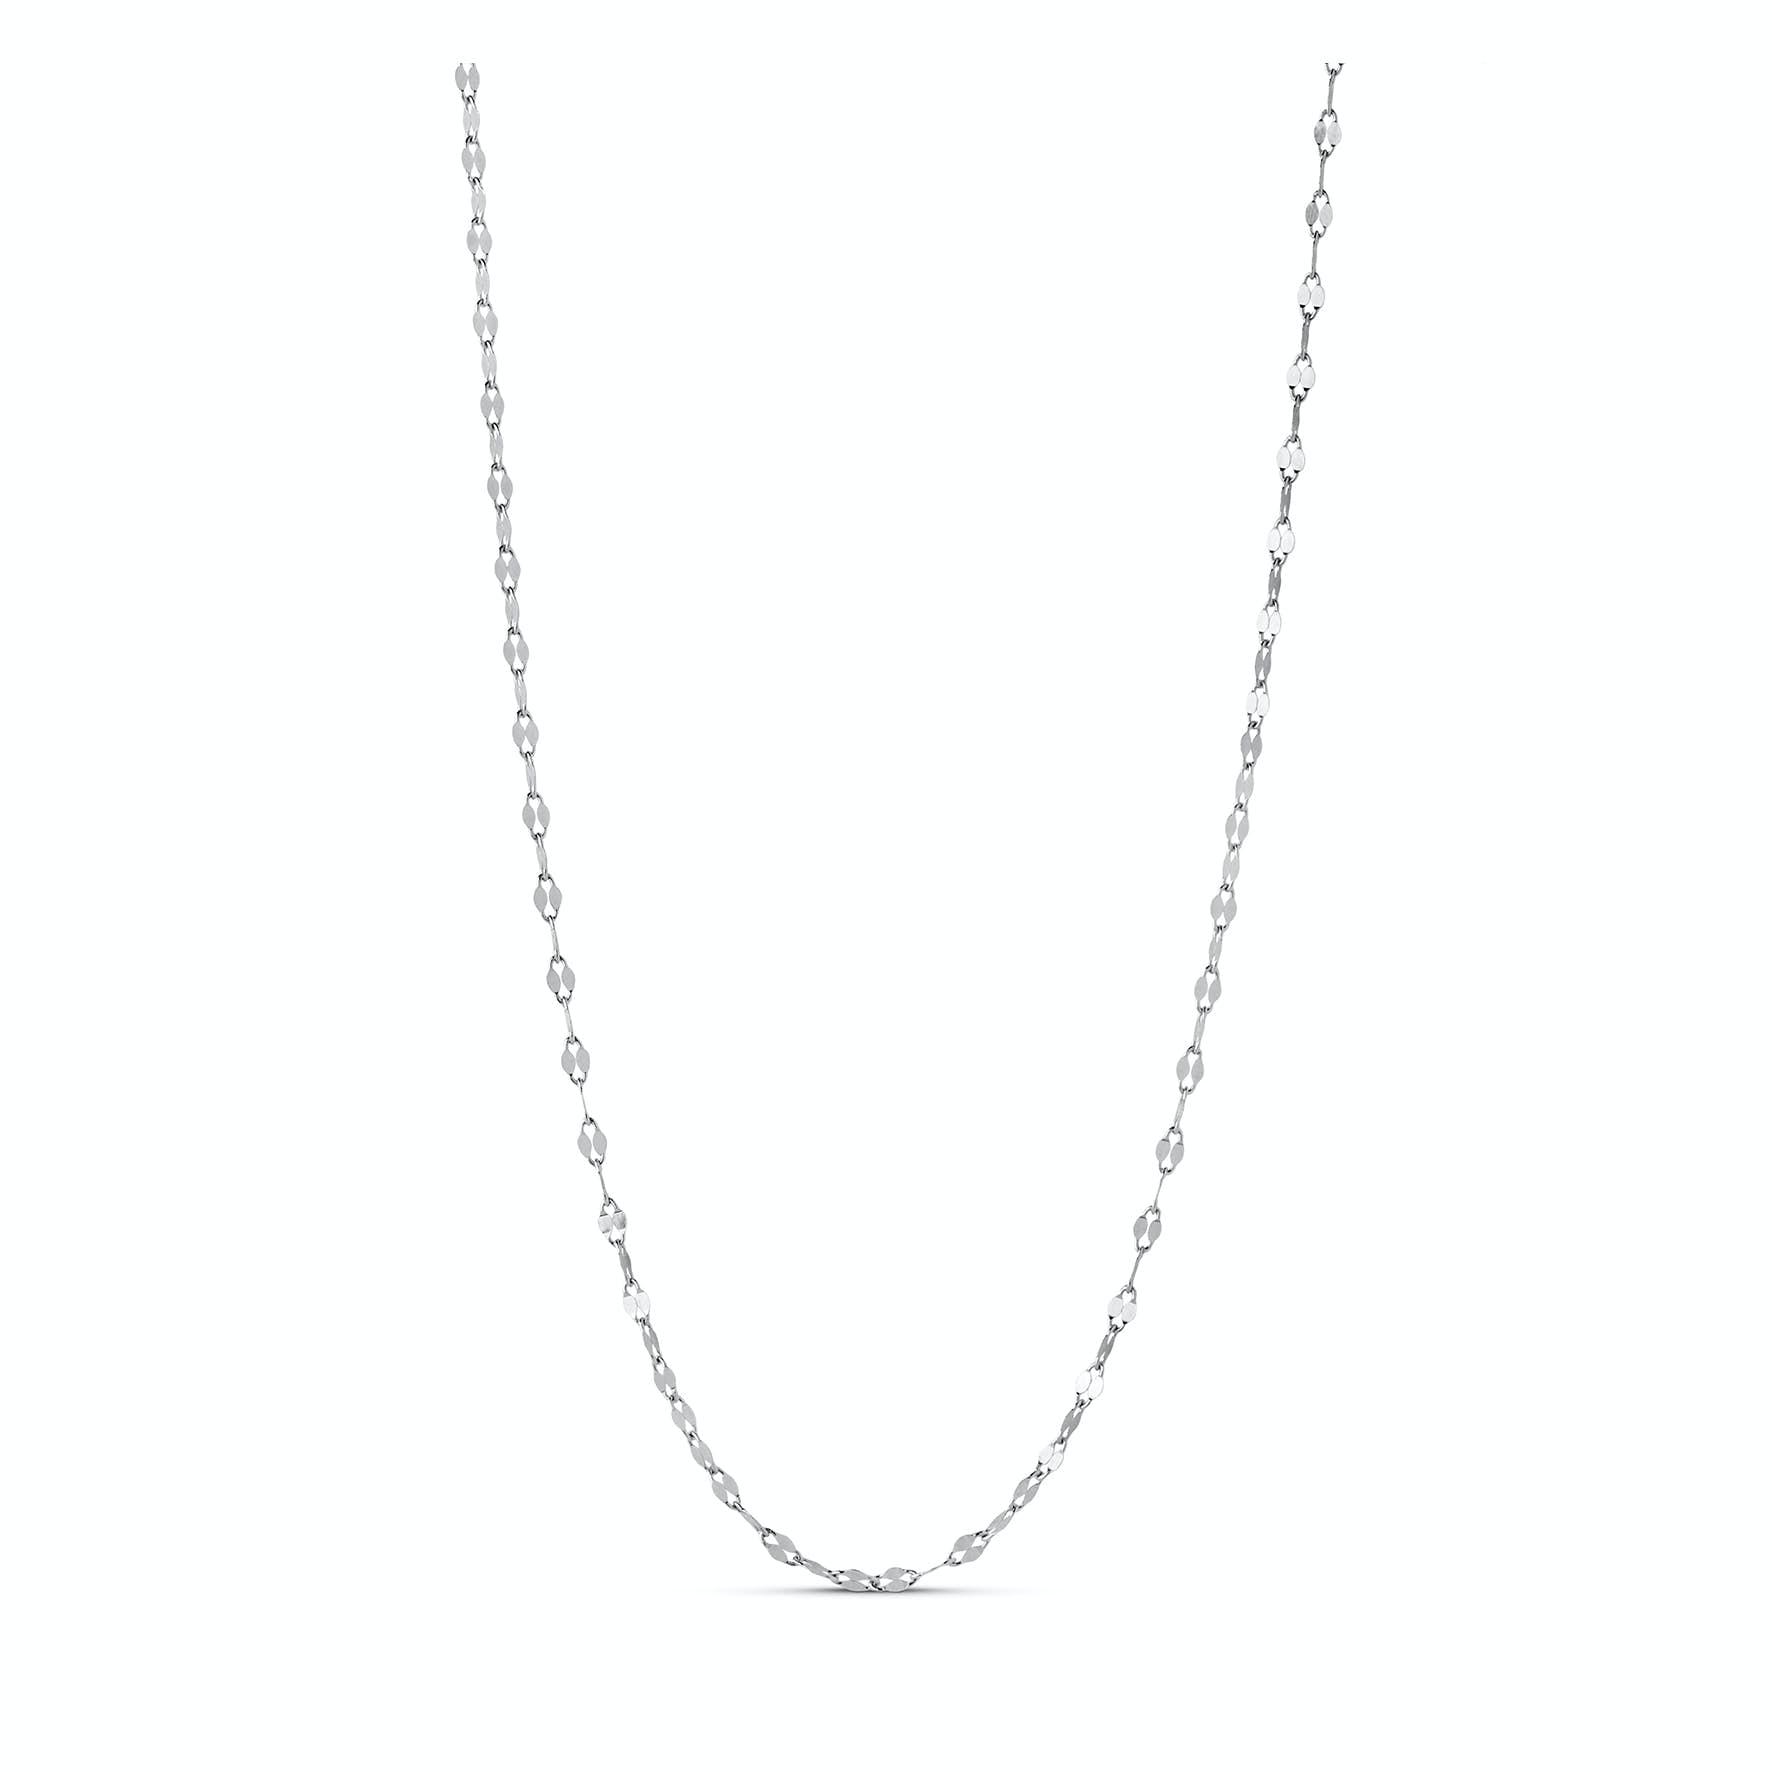 Ona Necklace fra Enamel Copenhagen i Sølv Sterling 925